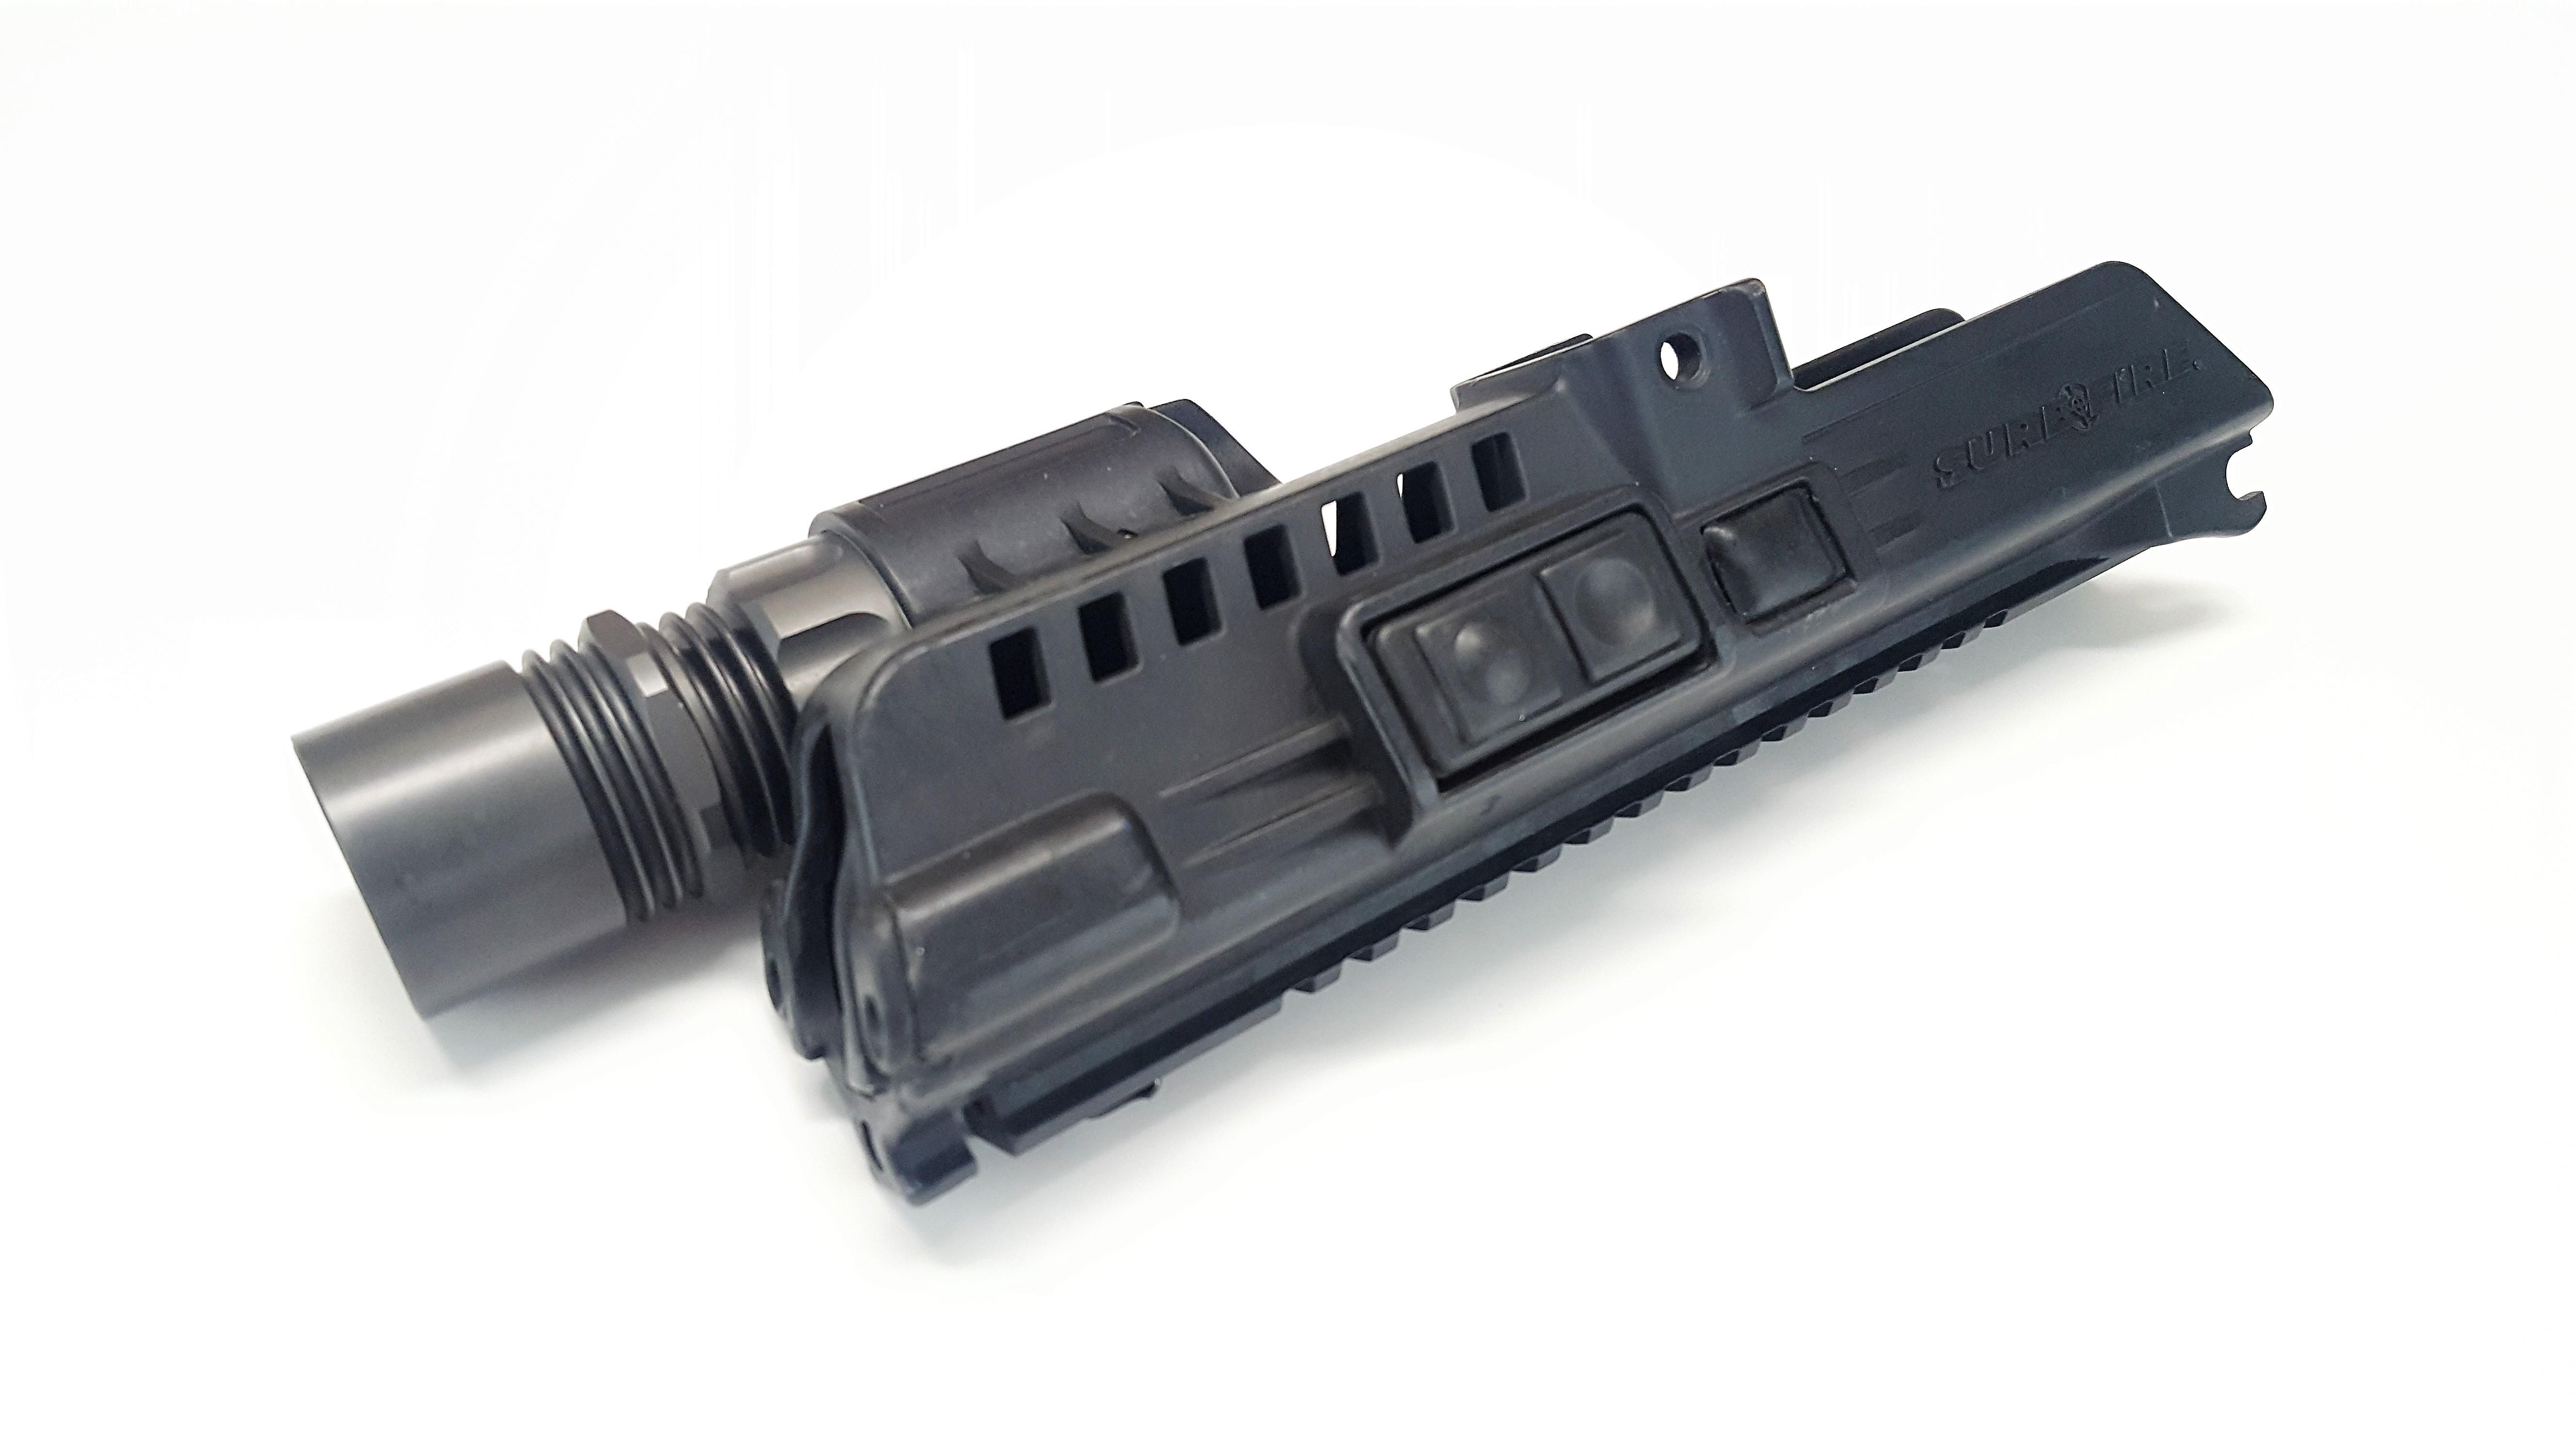 Ps90 For Sale >> HK G36 / G36K Surefire M570a Millennium Weaponlight Forearm Handguard